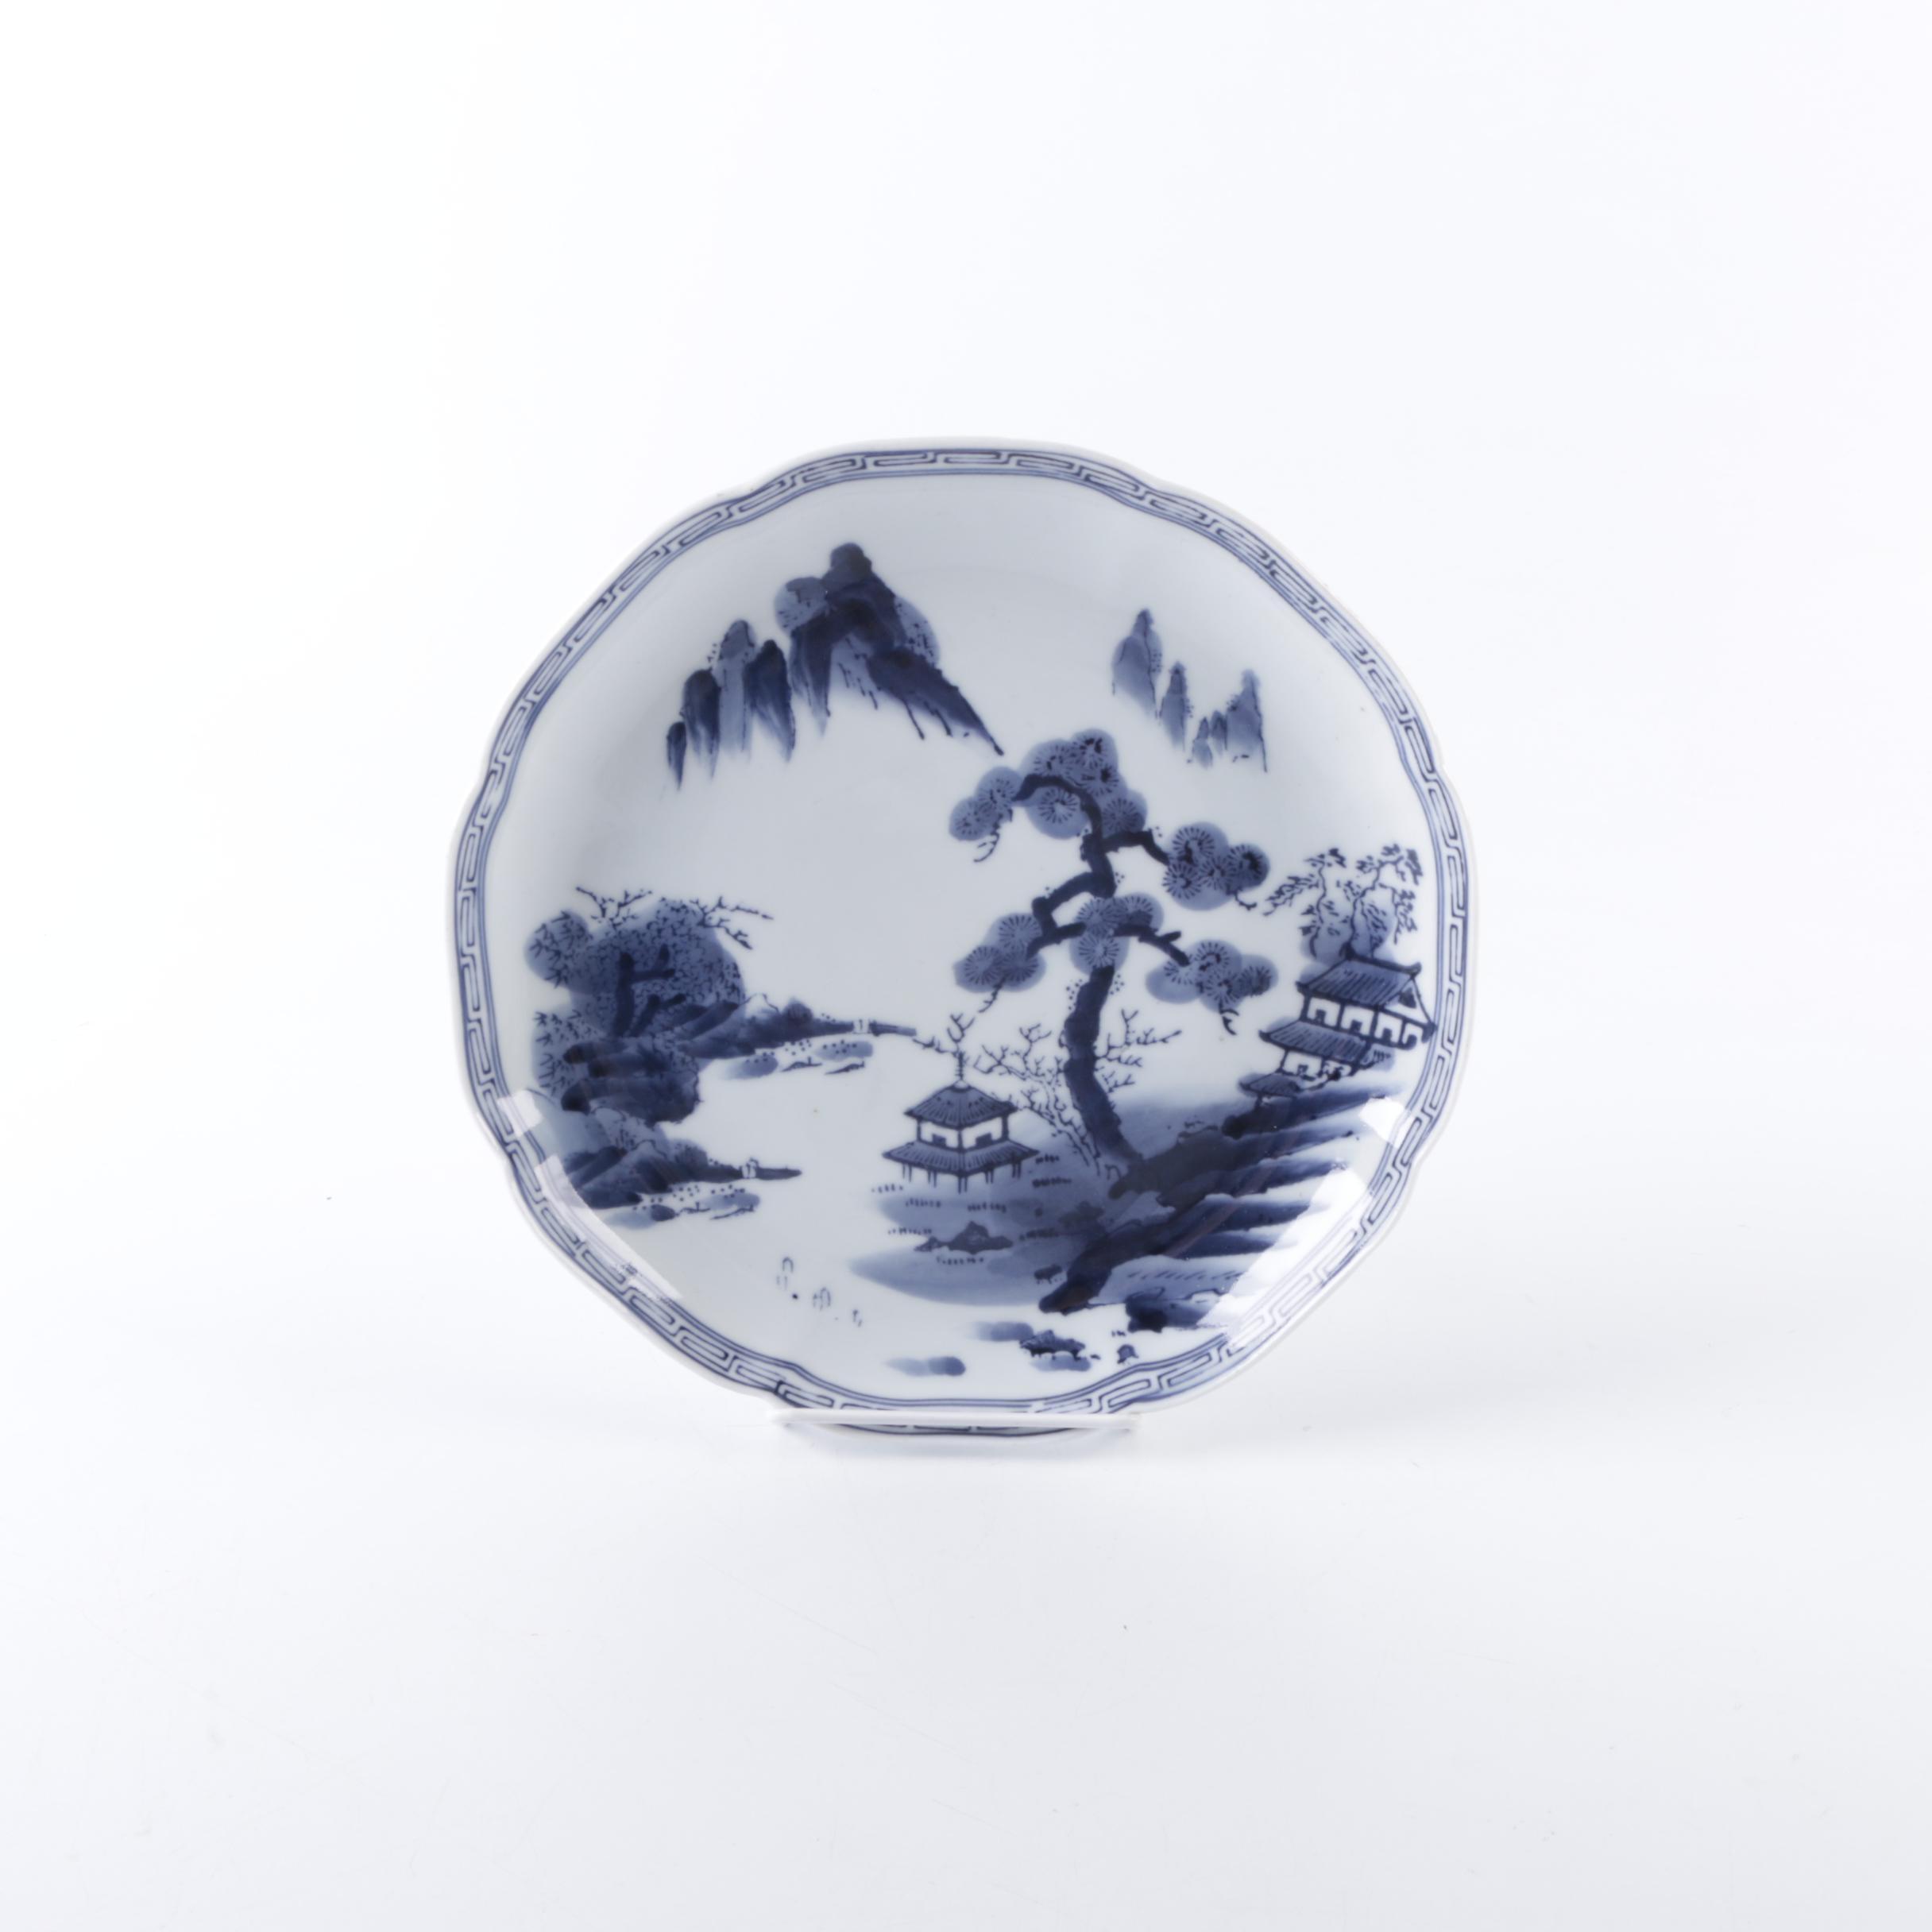 Eastern Asian Inspired Porcelain Plate